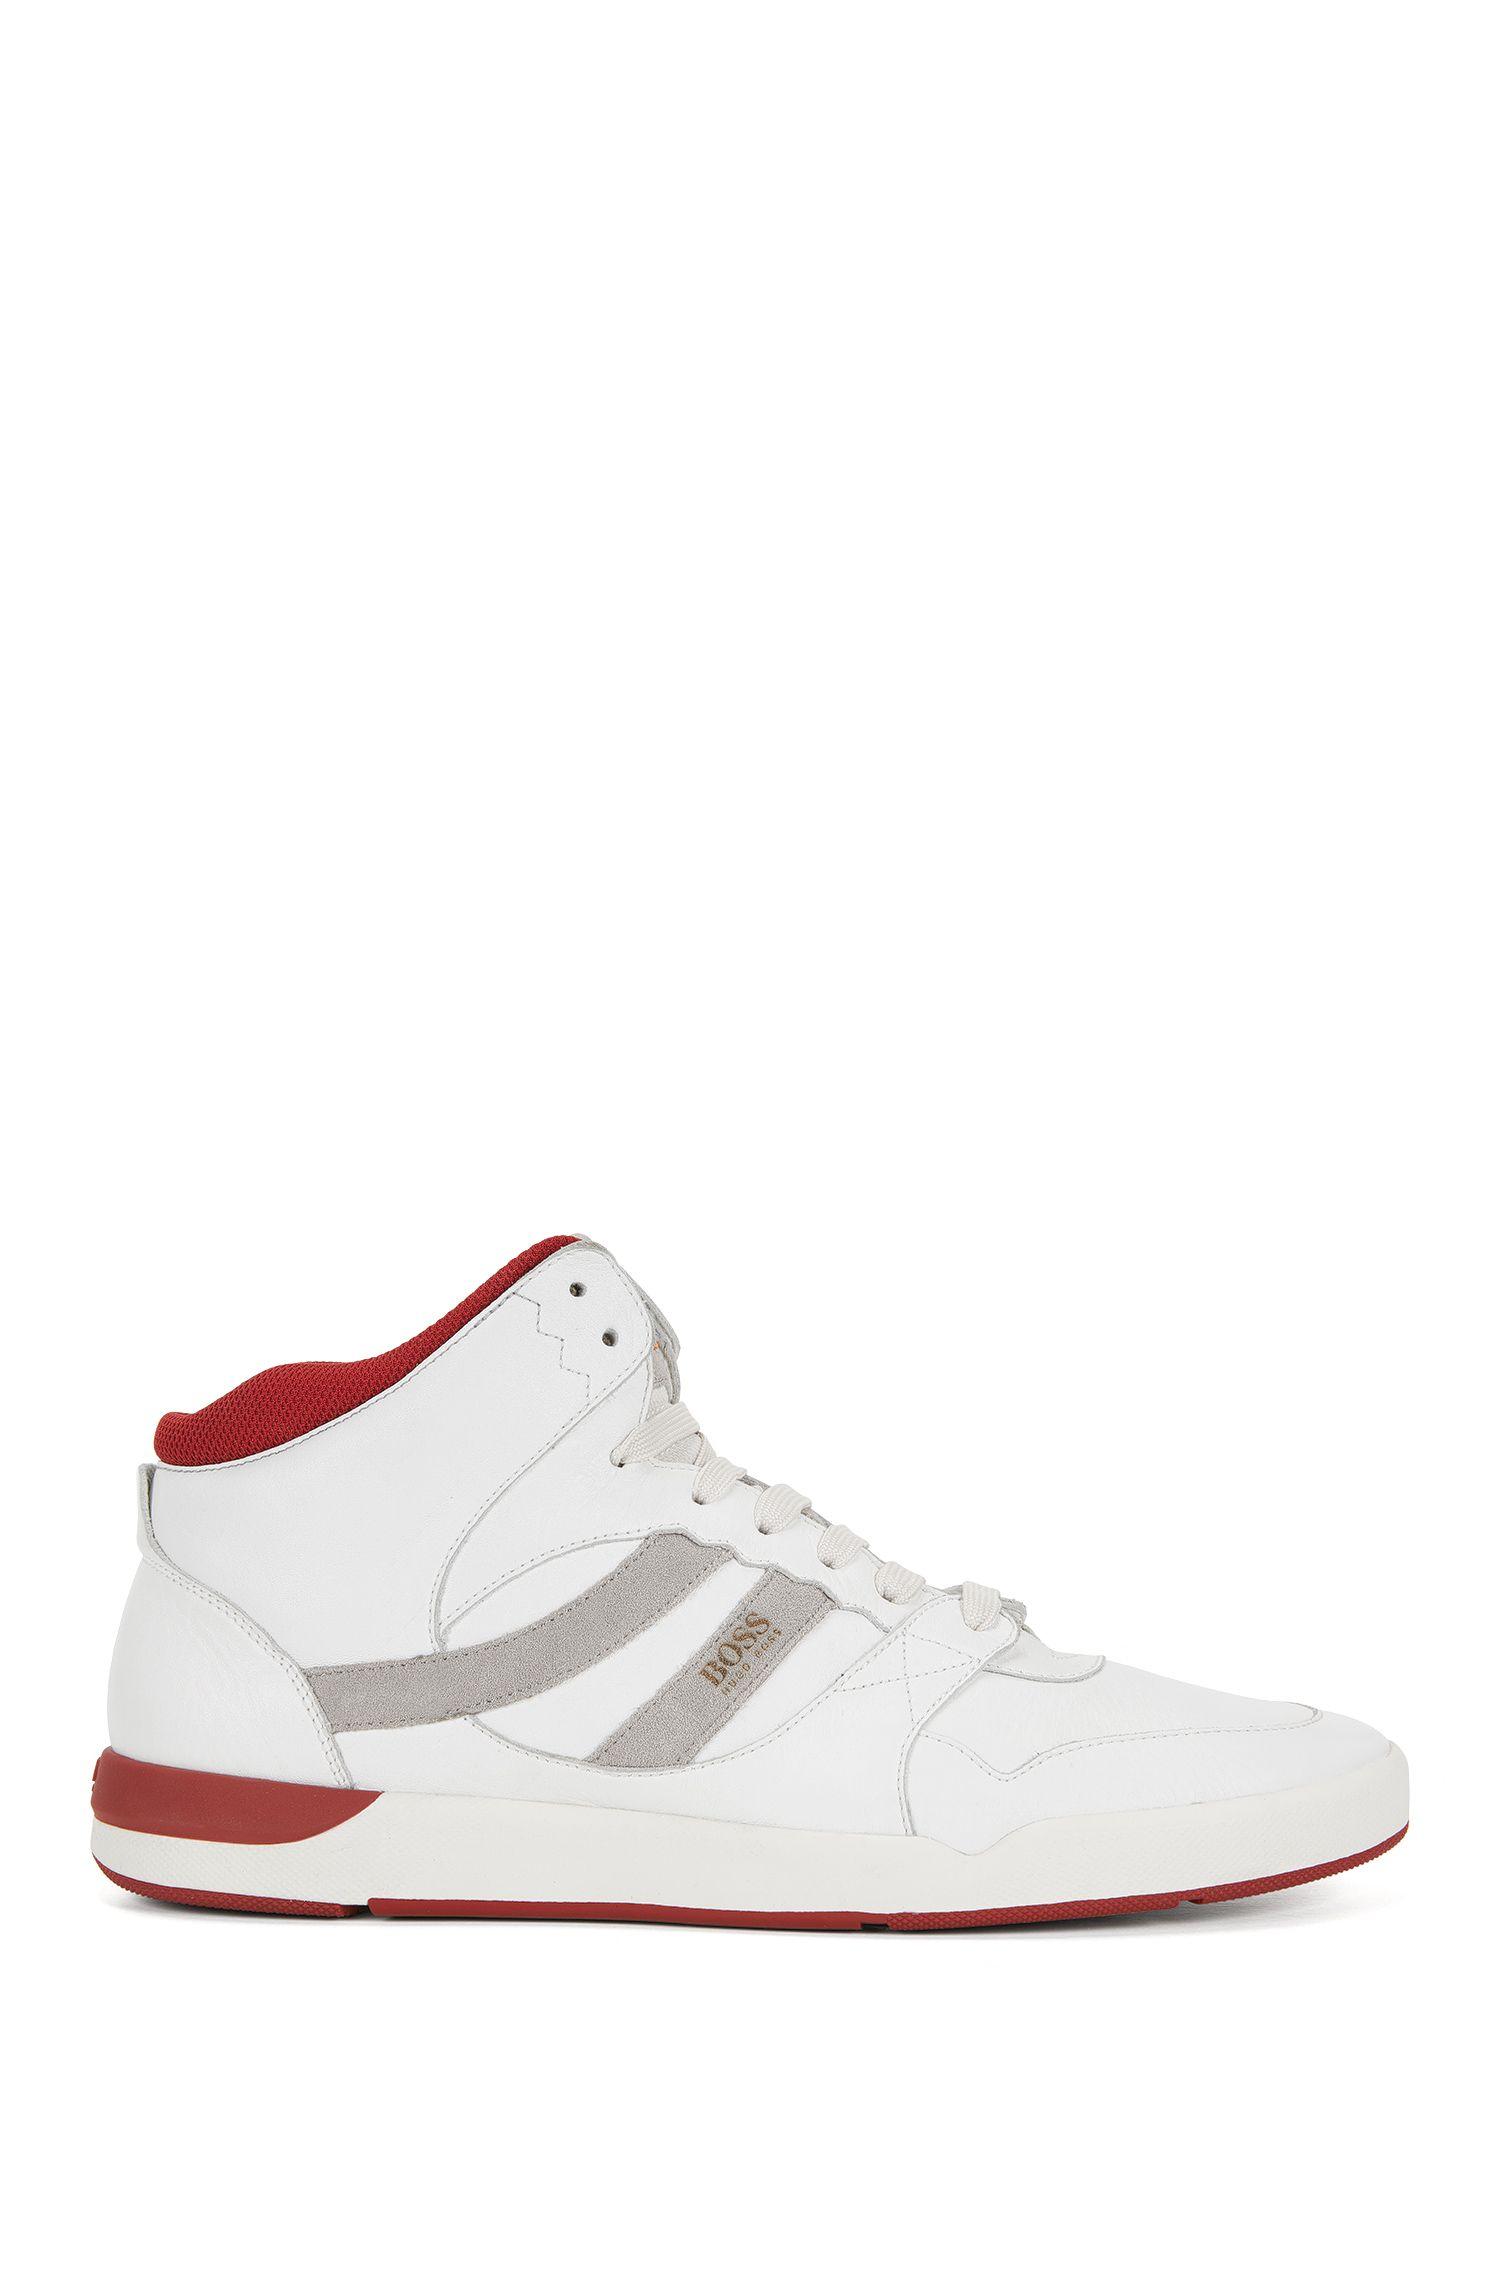 Hightop-Sneakers aus gewaschenem Leder